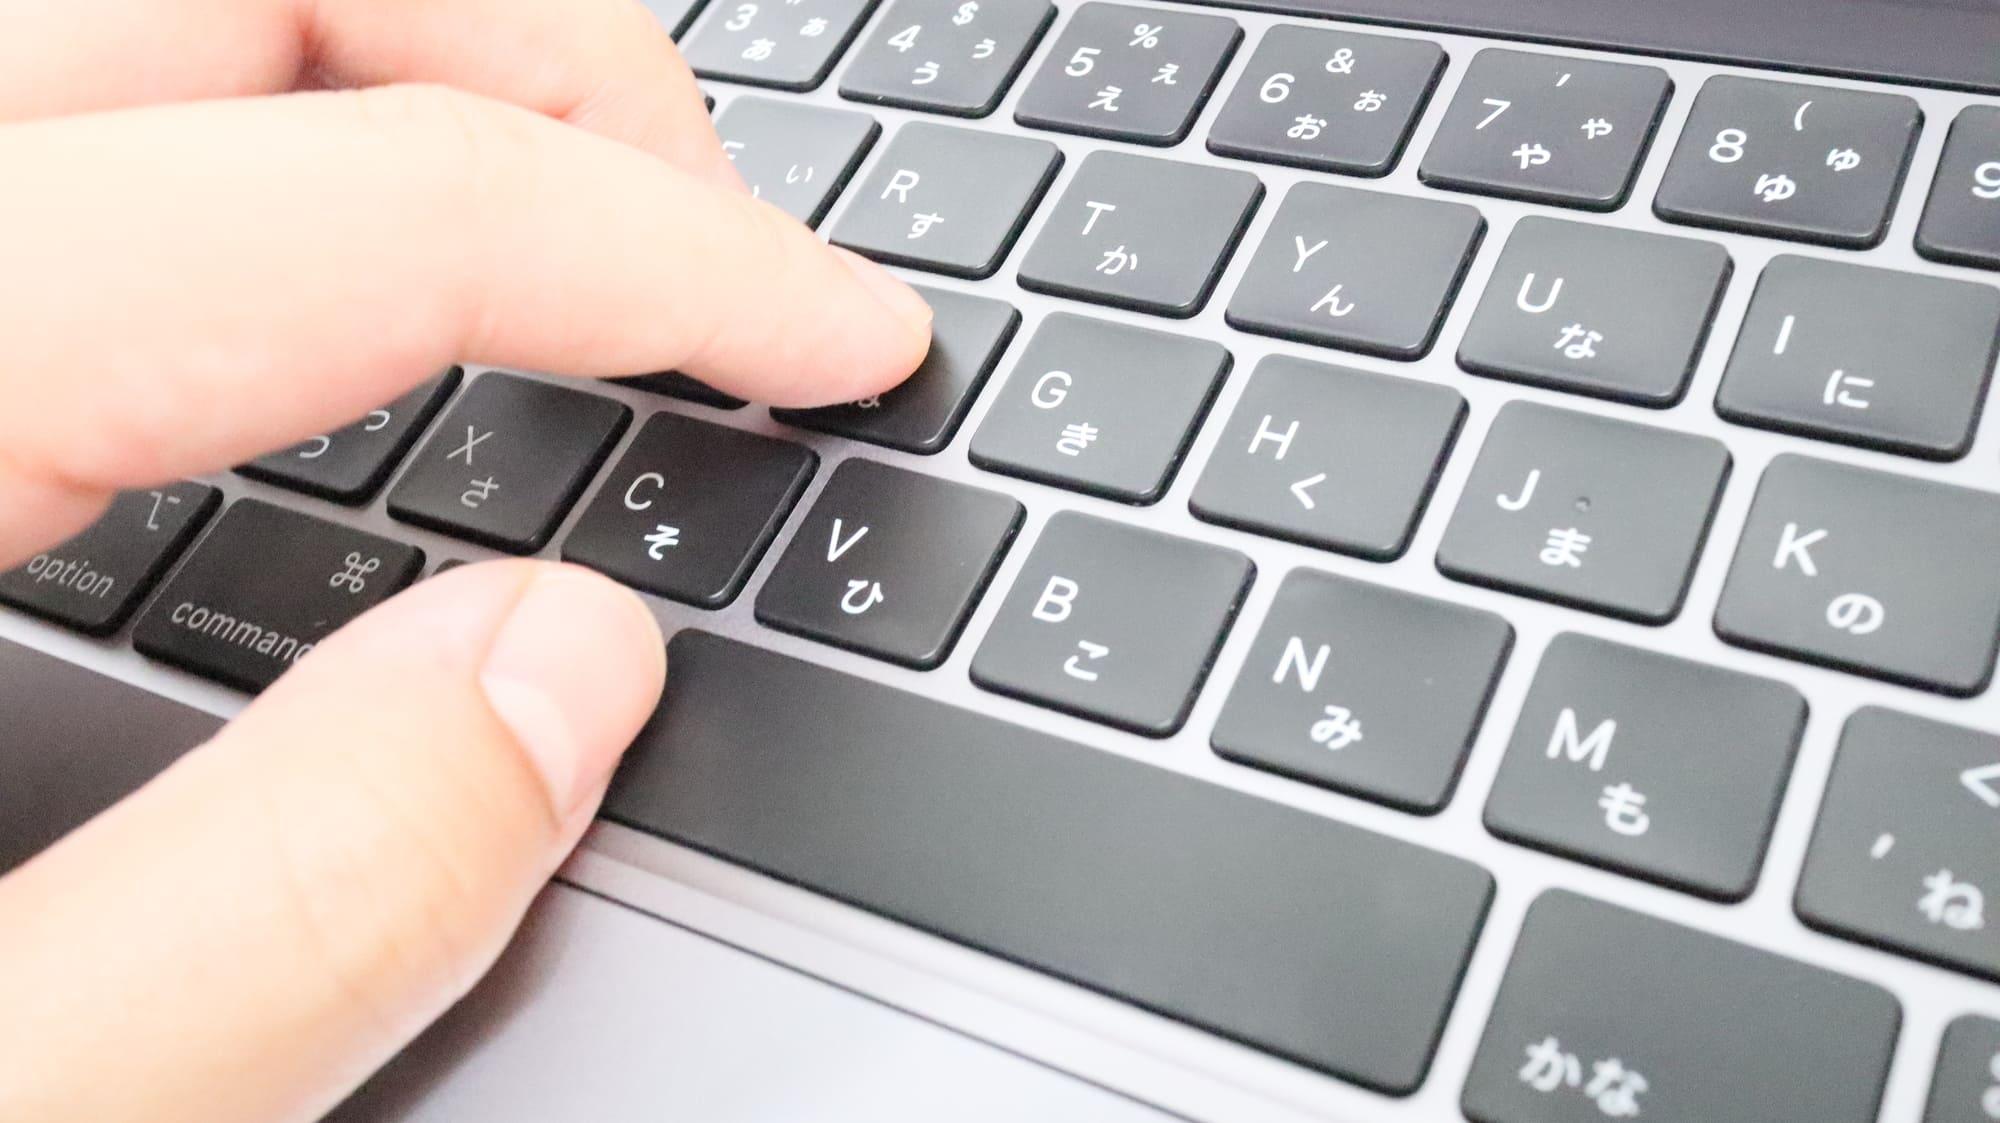 MacBook Pro 2020のシザー式キーボード